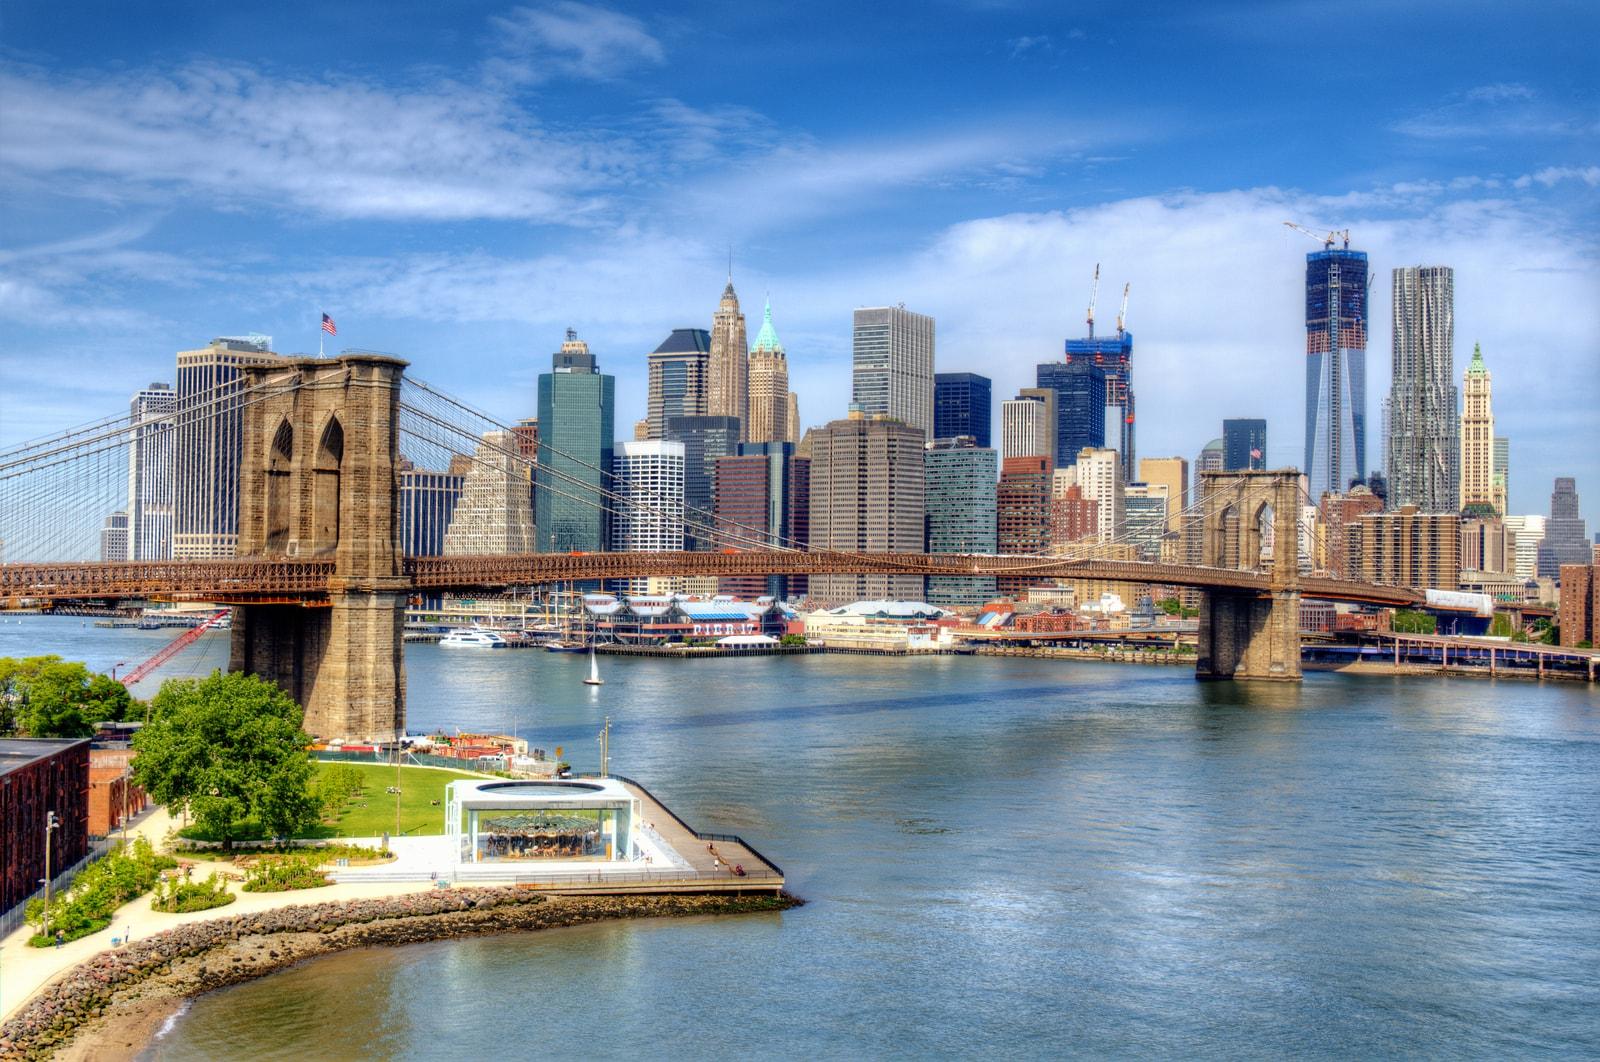 desarrollos-inmobiliarios-recientes-brooklyn-nueva-york